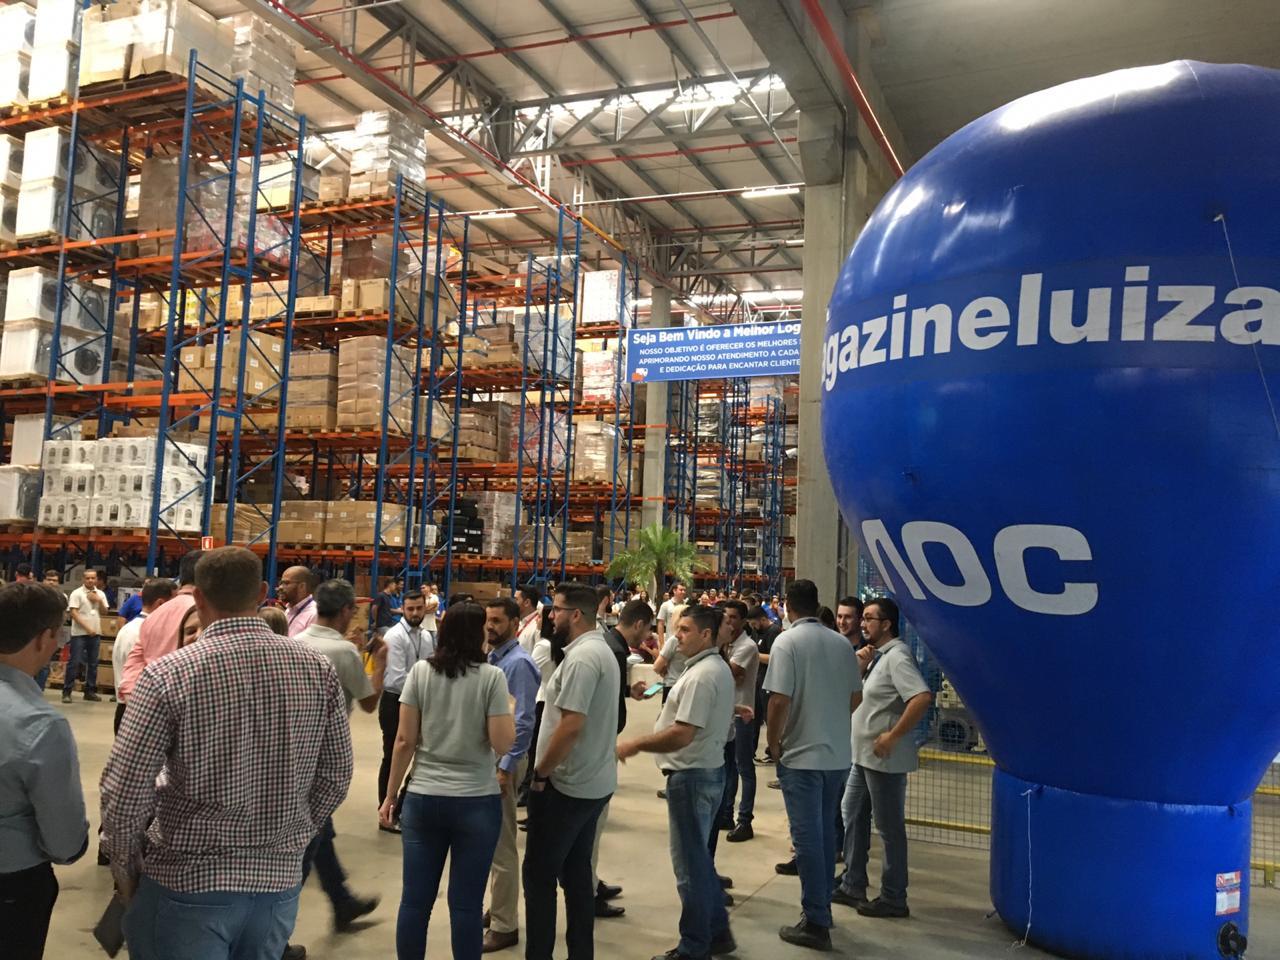 663486a221 Centro de Distribuição do Magazine Luiza em Londrina deve gerar 700 ...